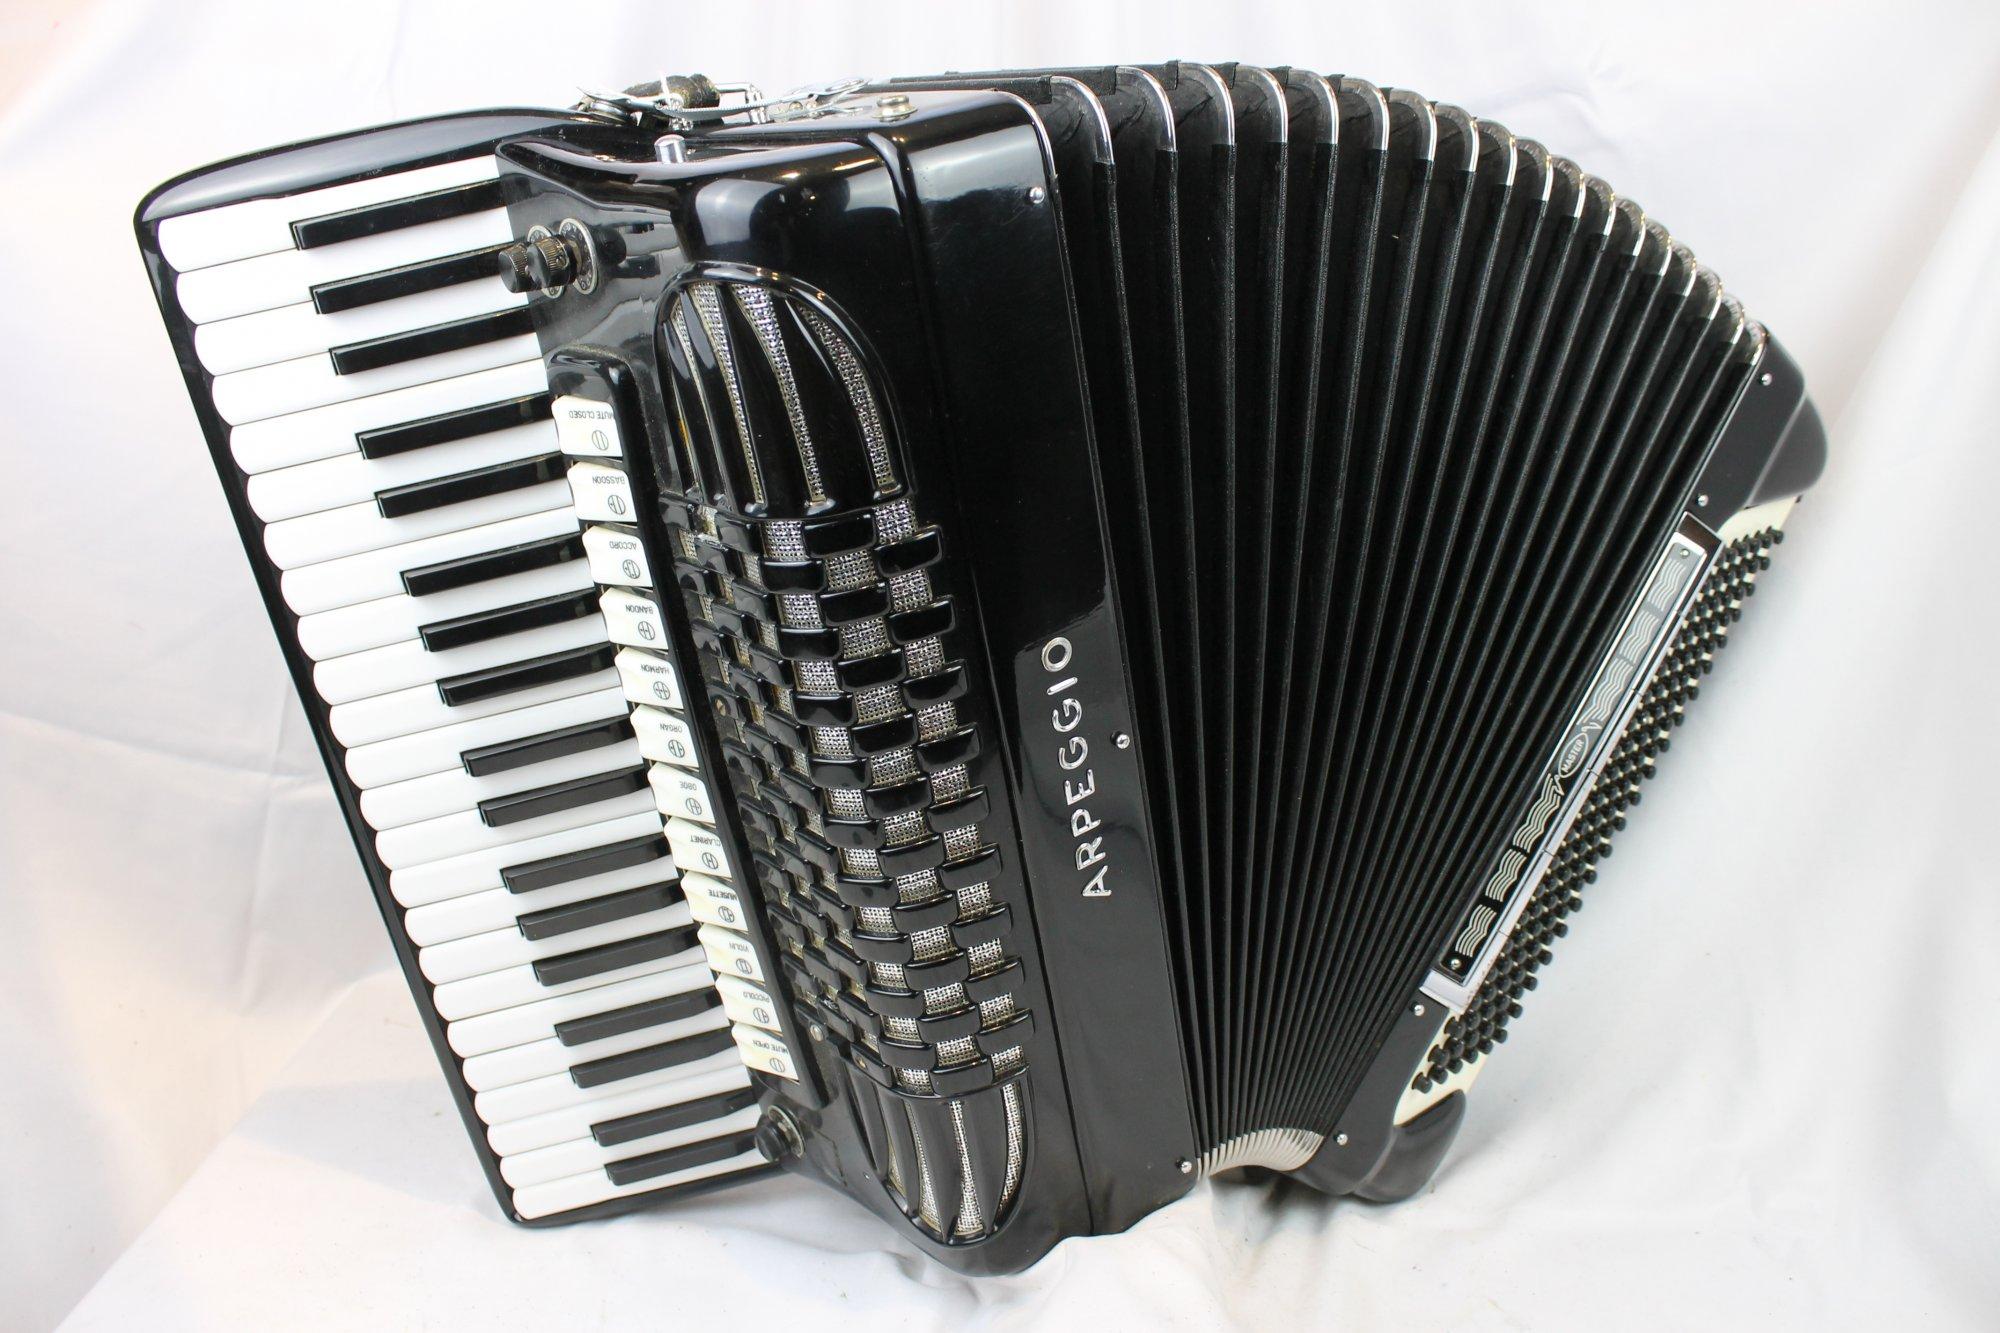 4106 - Black Arpeggio Piano Accordion LMMH 41 120